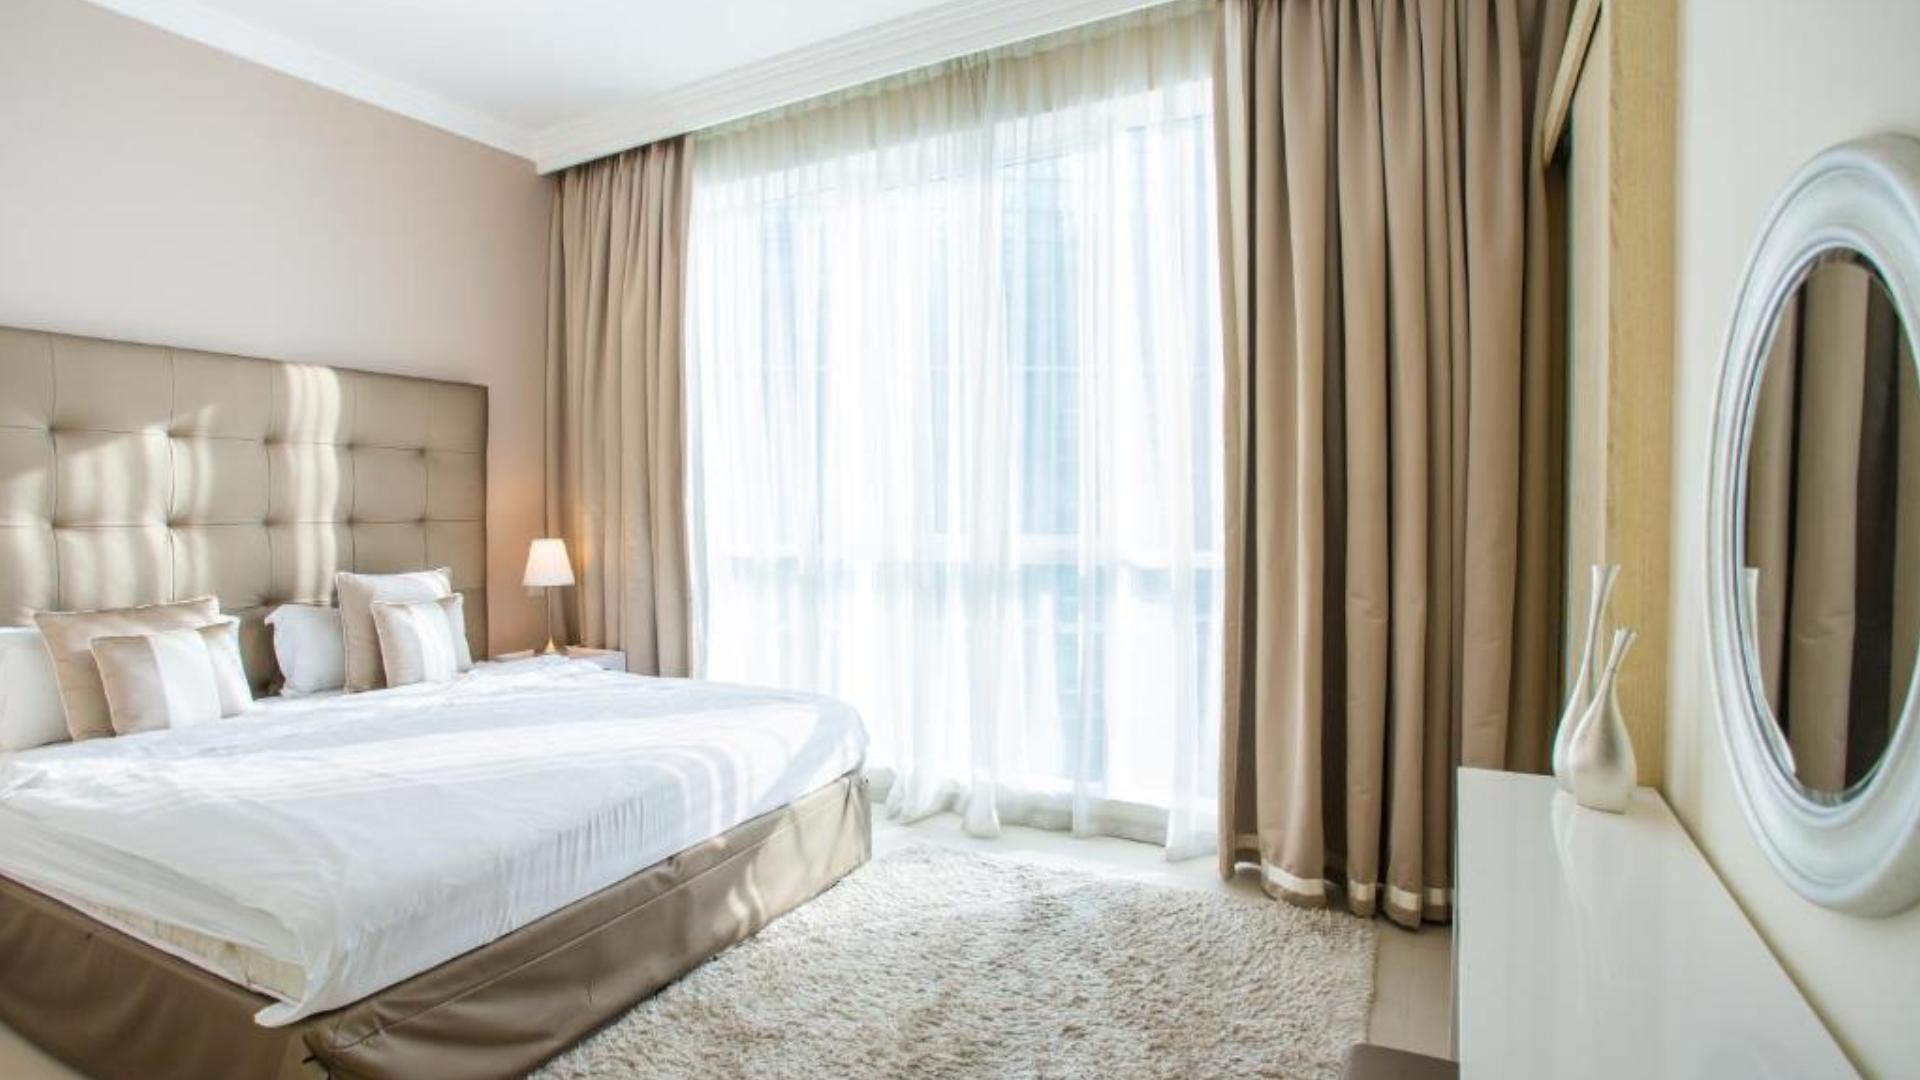 Apartamento en venta en Dubai, EAU, 1 dormitorio, 86 m2, № 24242 – foto 2